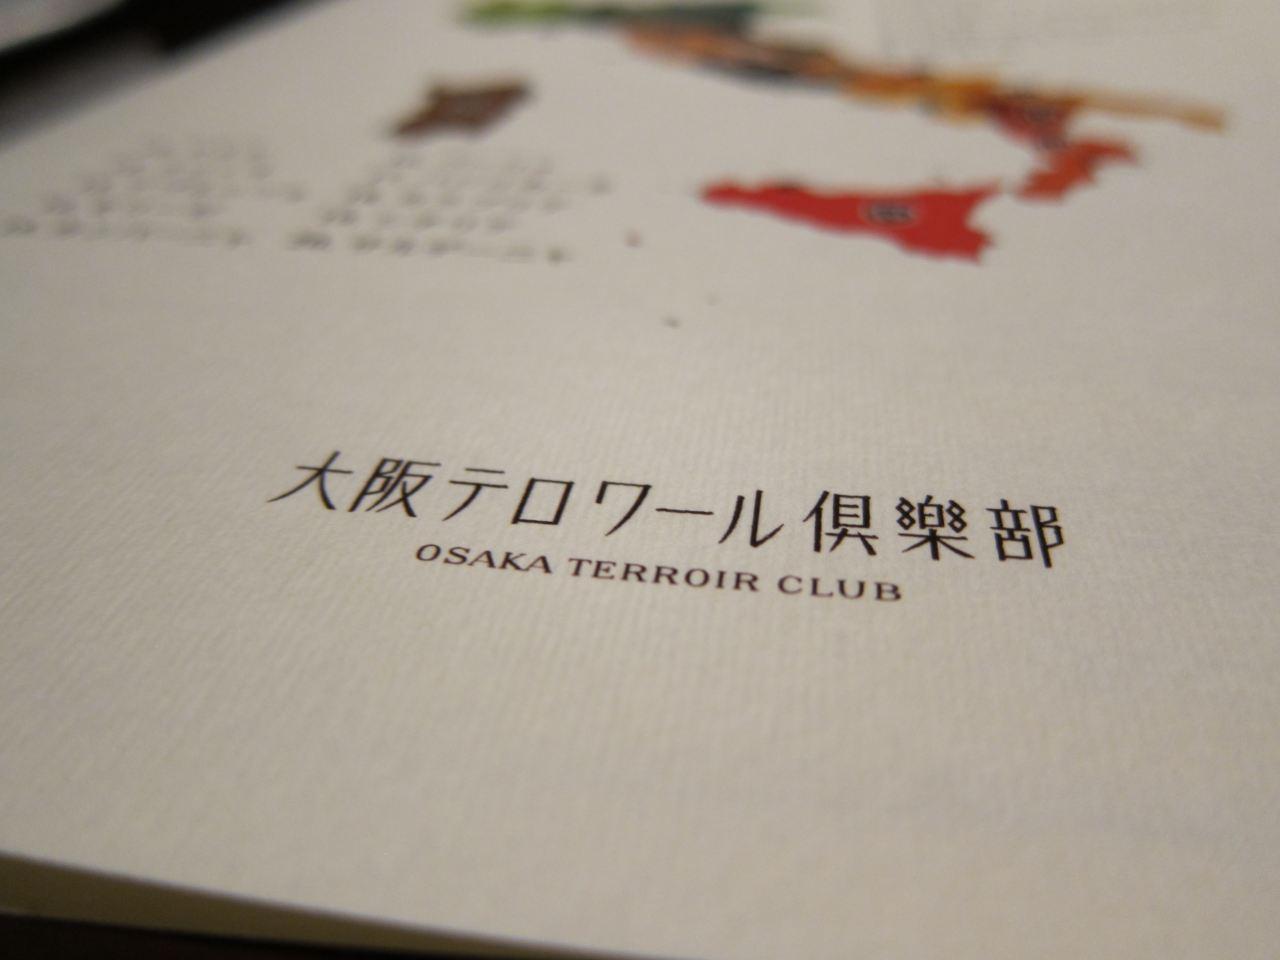 大阪テロワール倶楽部 なんばダイニングメゾン店